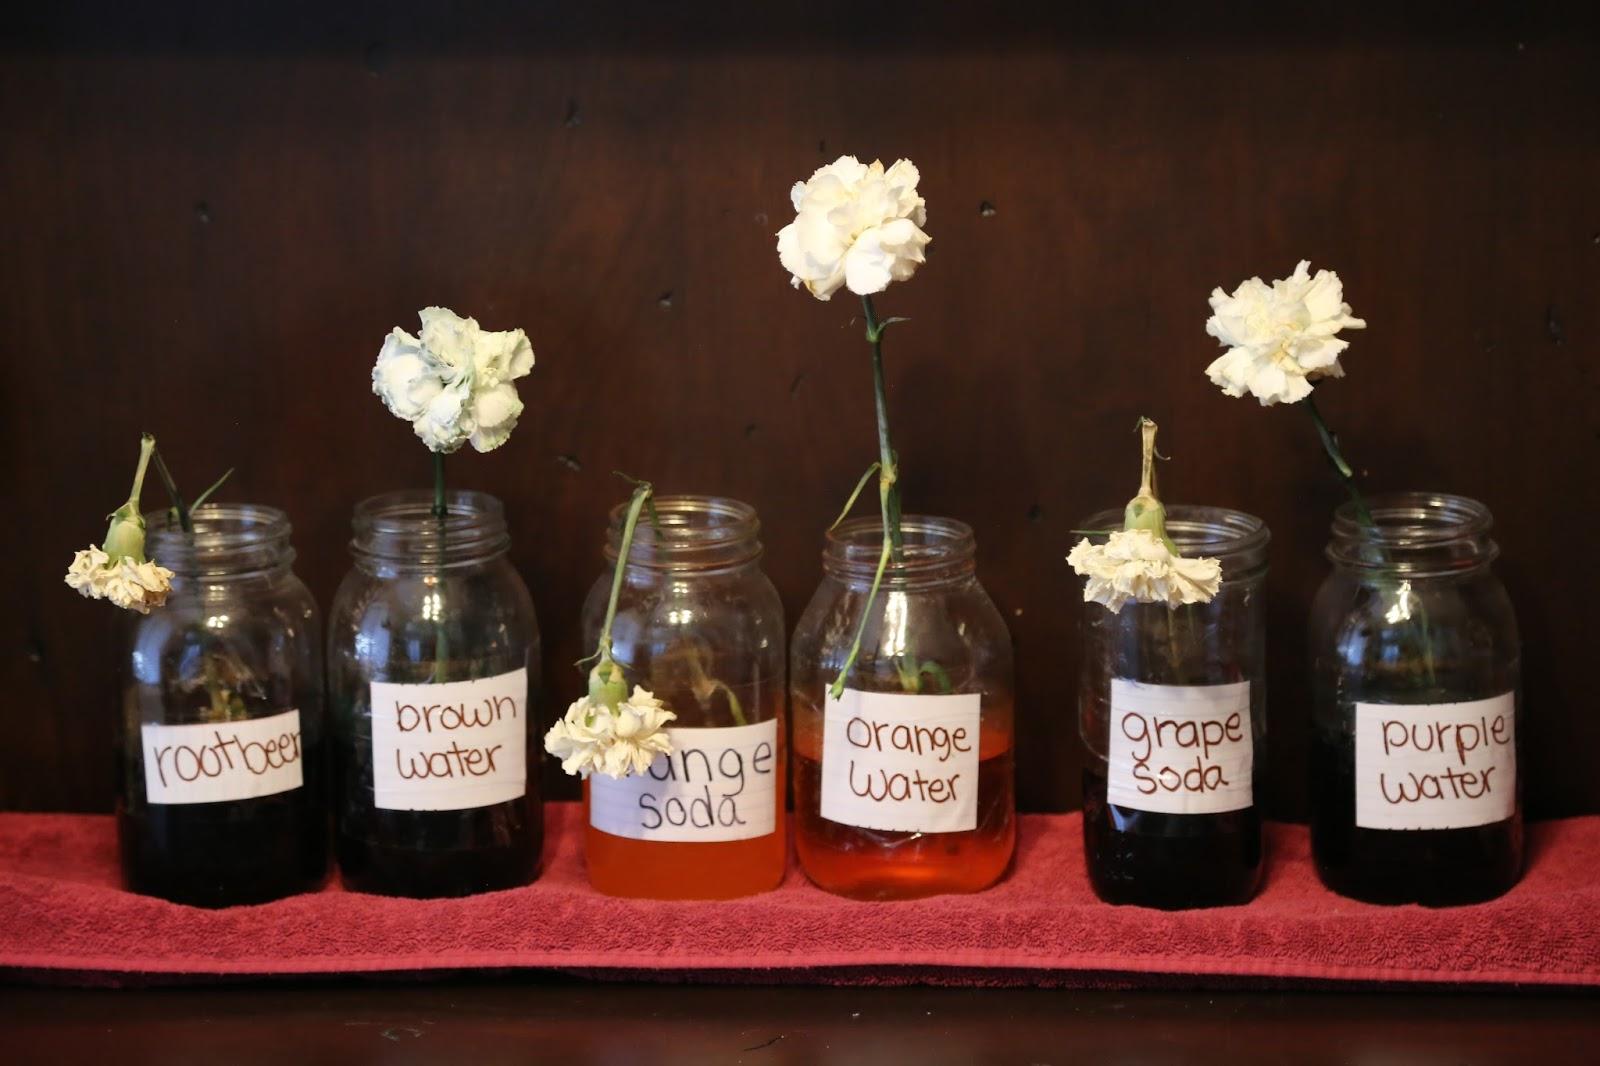 The Heaton\'s: Will Soda dye flowers?